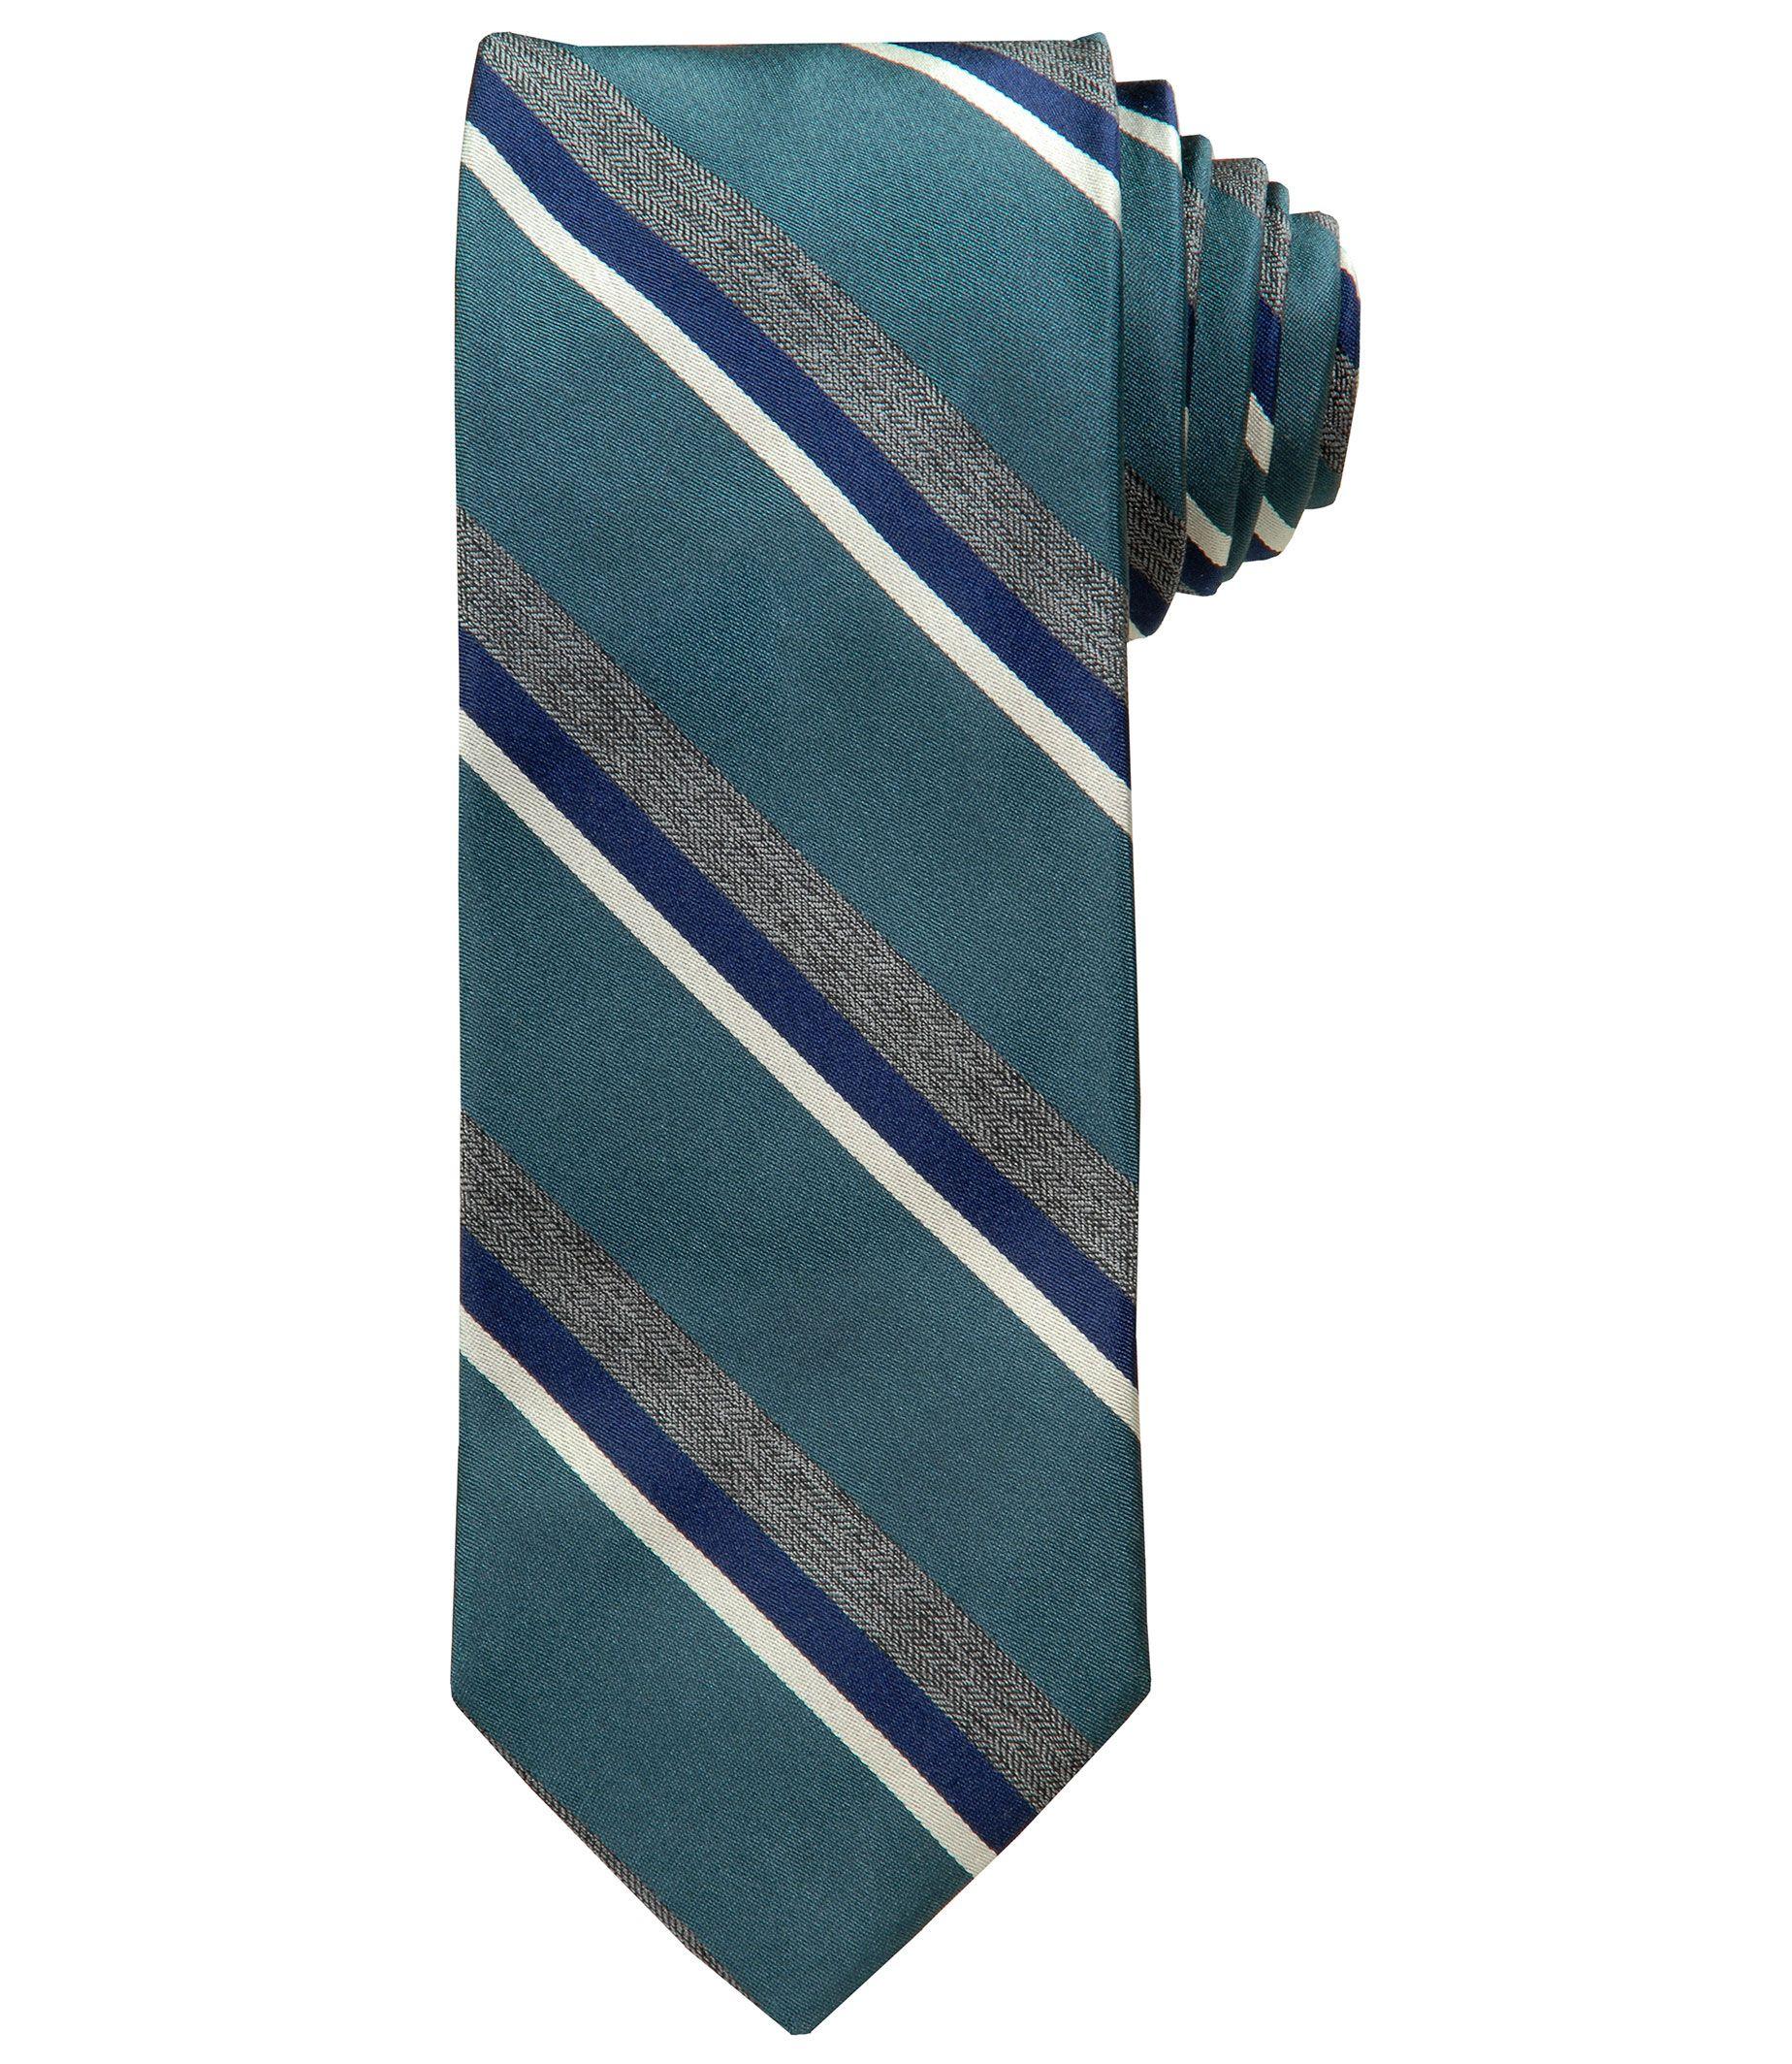 Joseph Satin and Melange Street Tie